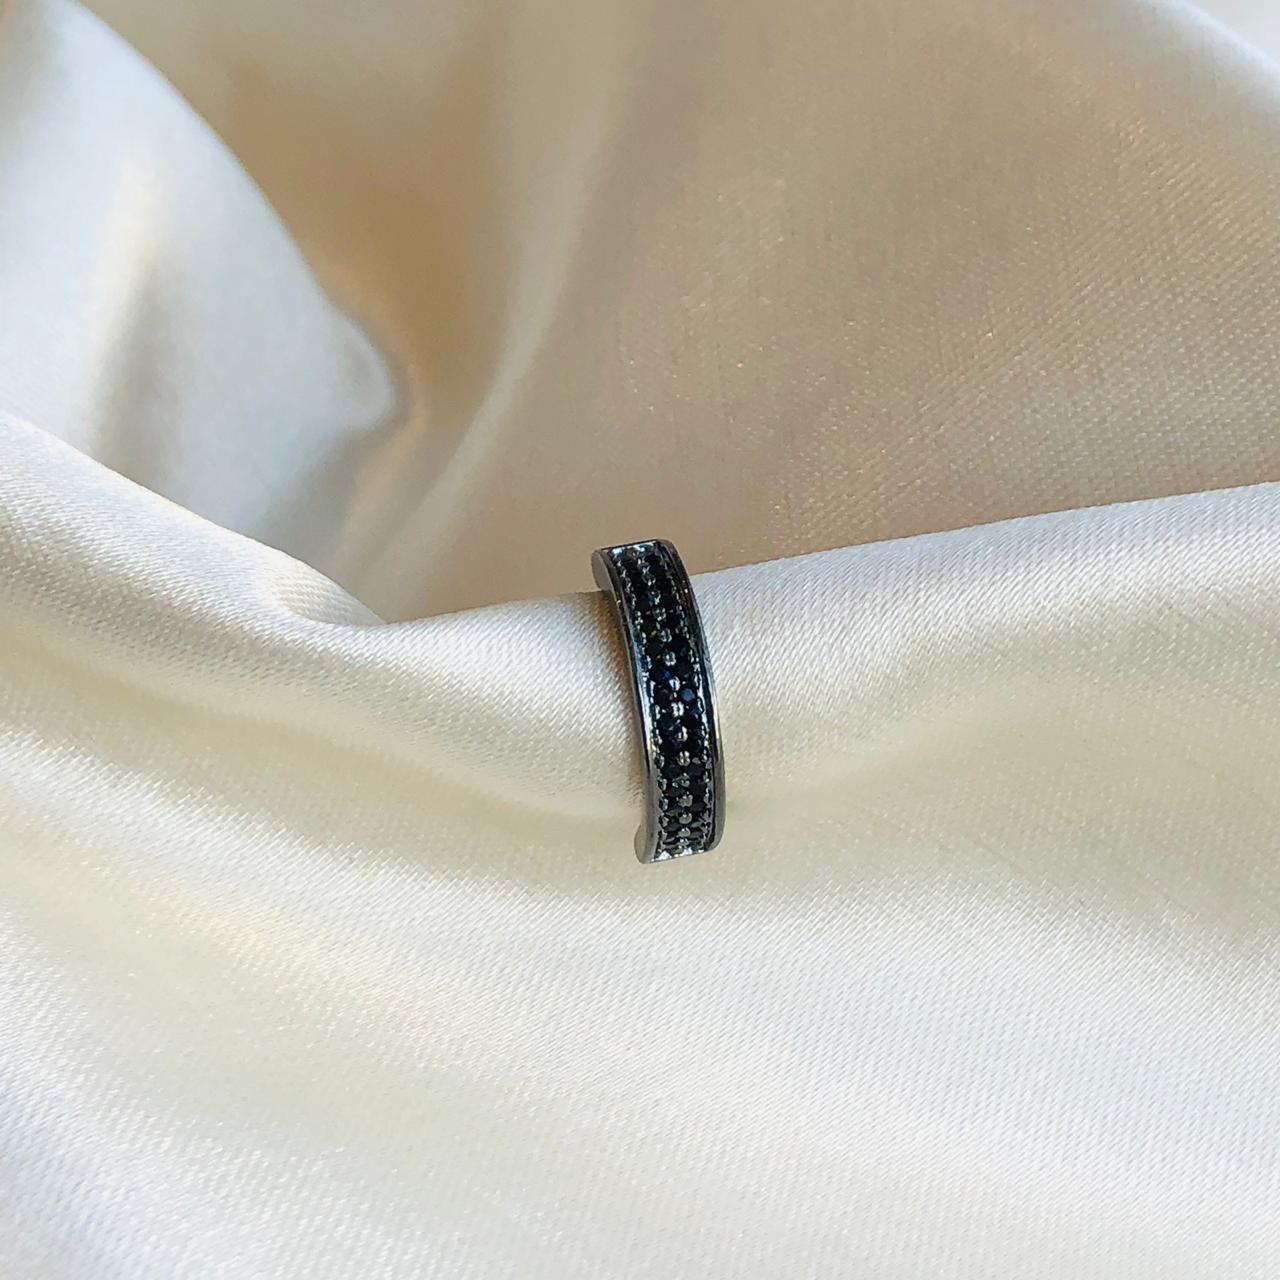 Piercing de Pressão Duplo Micro Zircônias Ônix Banhado em Ródio Negro